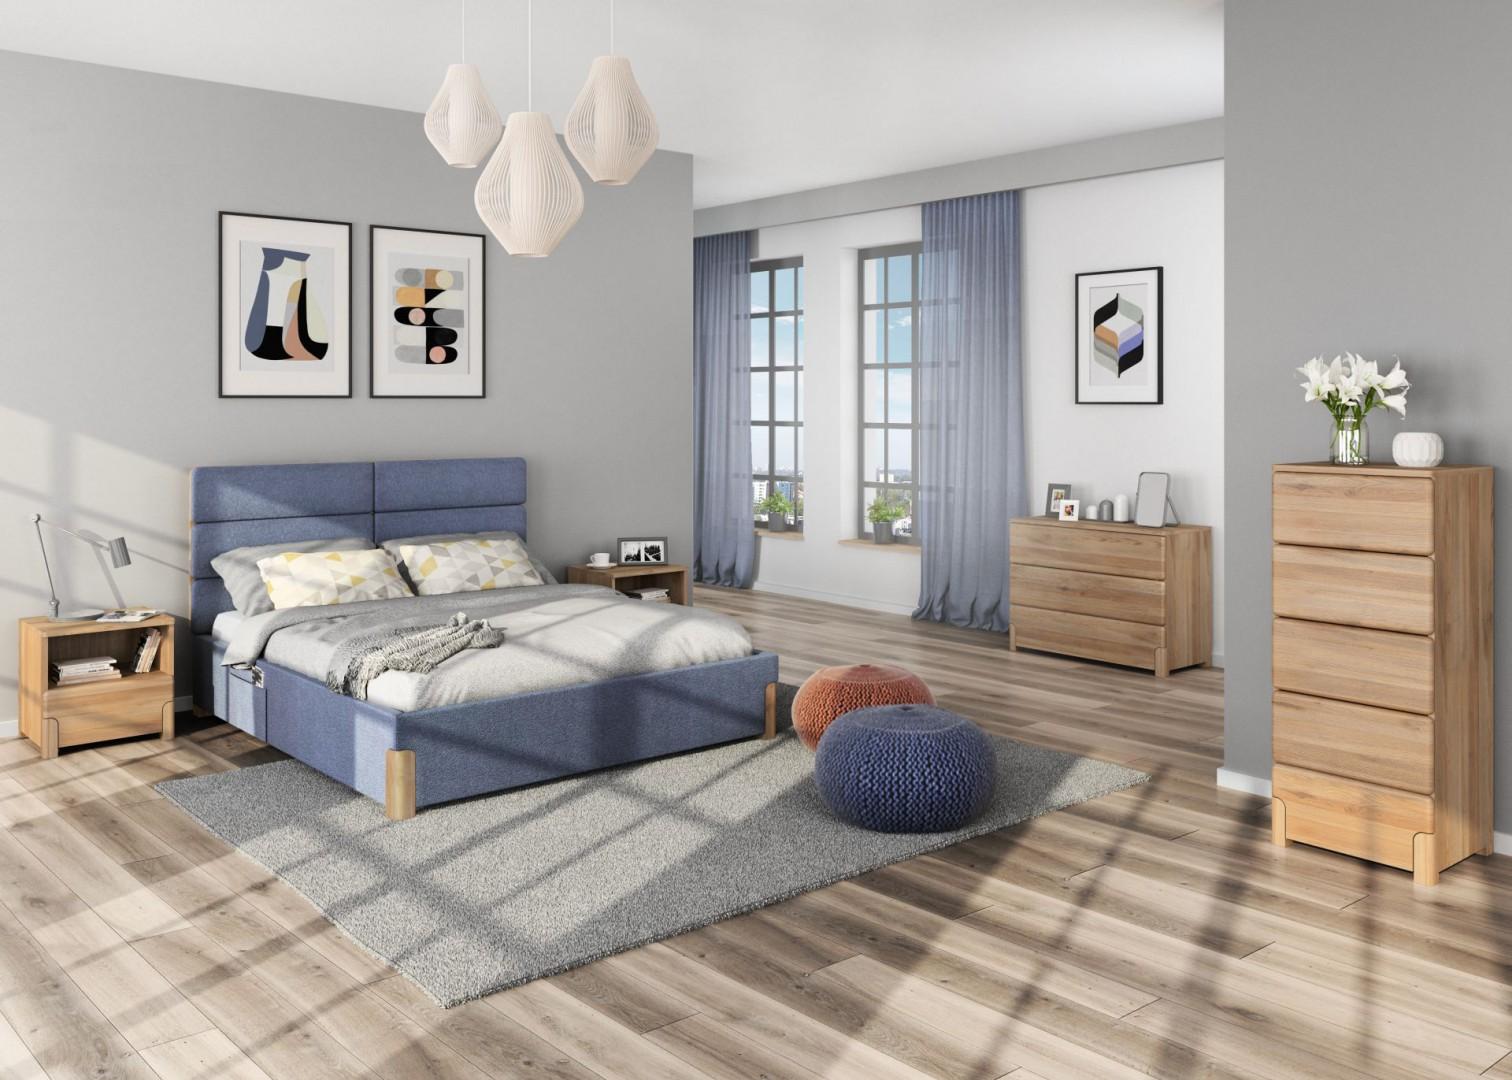 Urządzamy Meble W Sypialni Oryginalne Pomysły Na Zagłówek